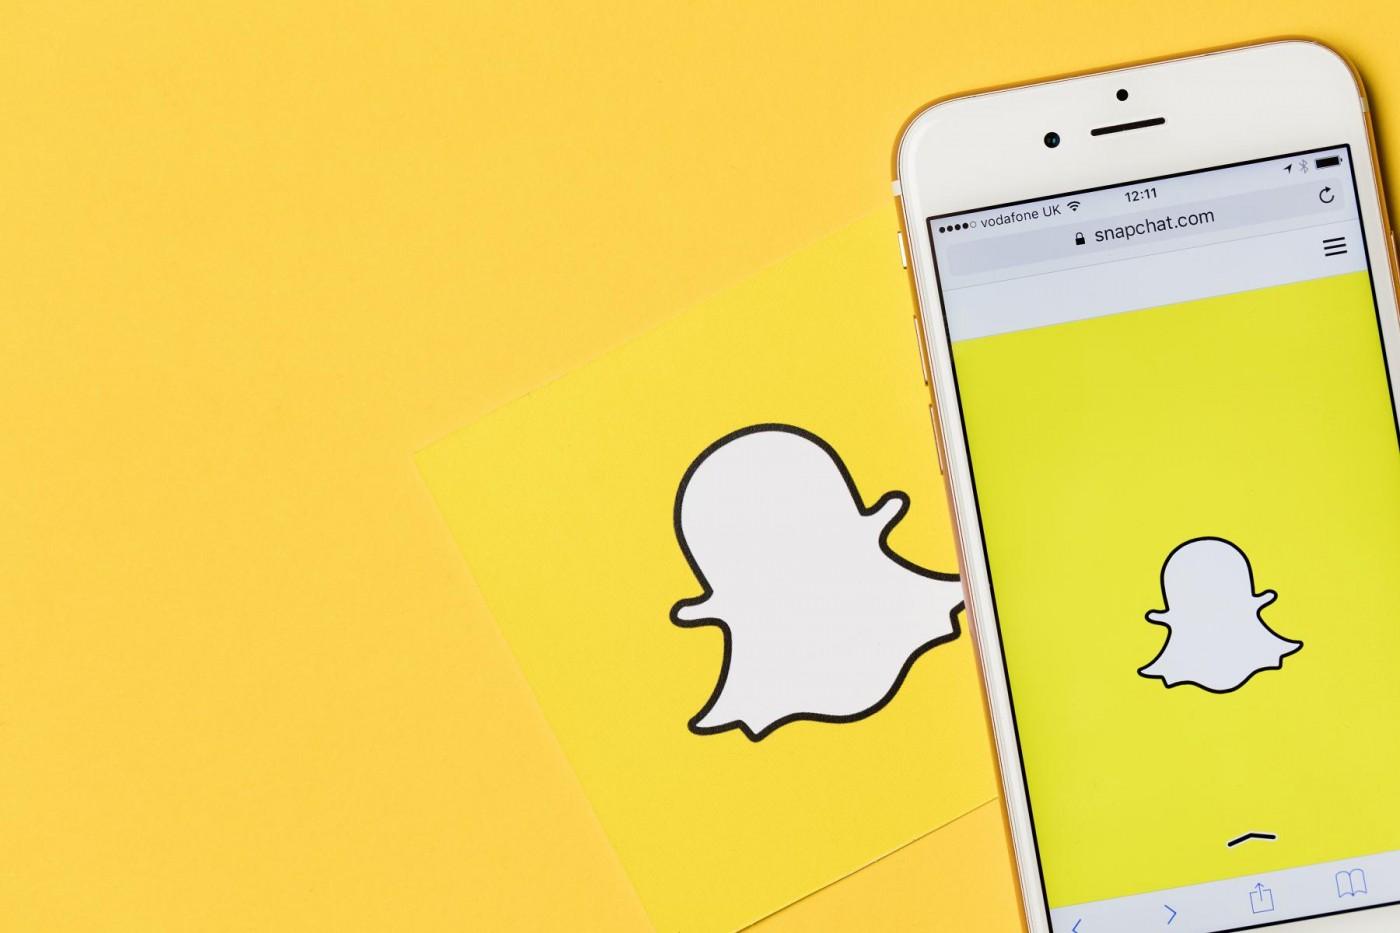 童顏濾鏡爆紅後,日活躍用戶破2億!Snapchat做對哪些事?